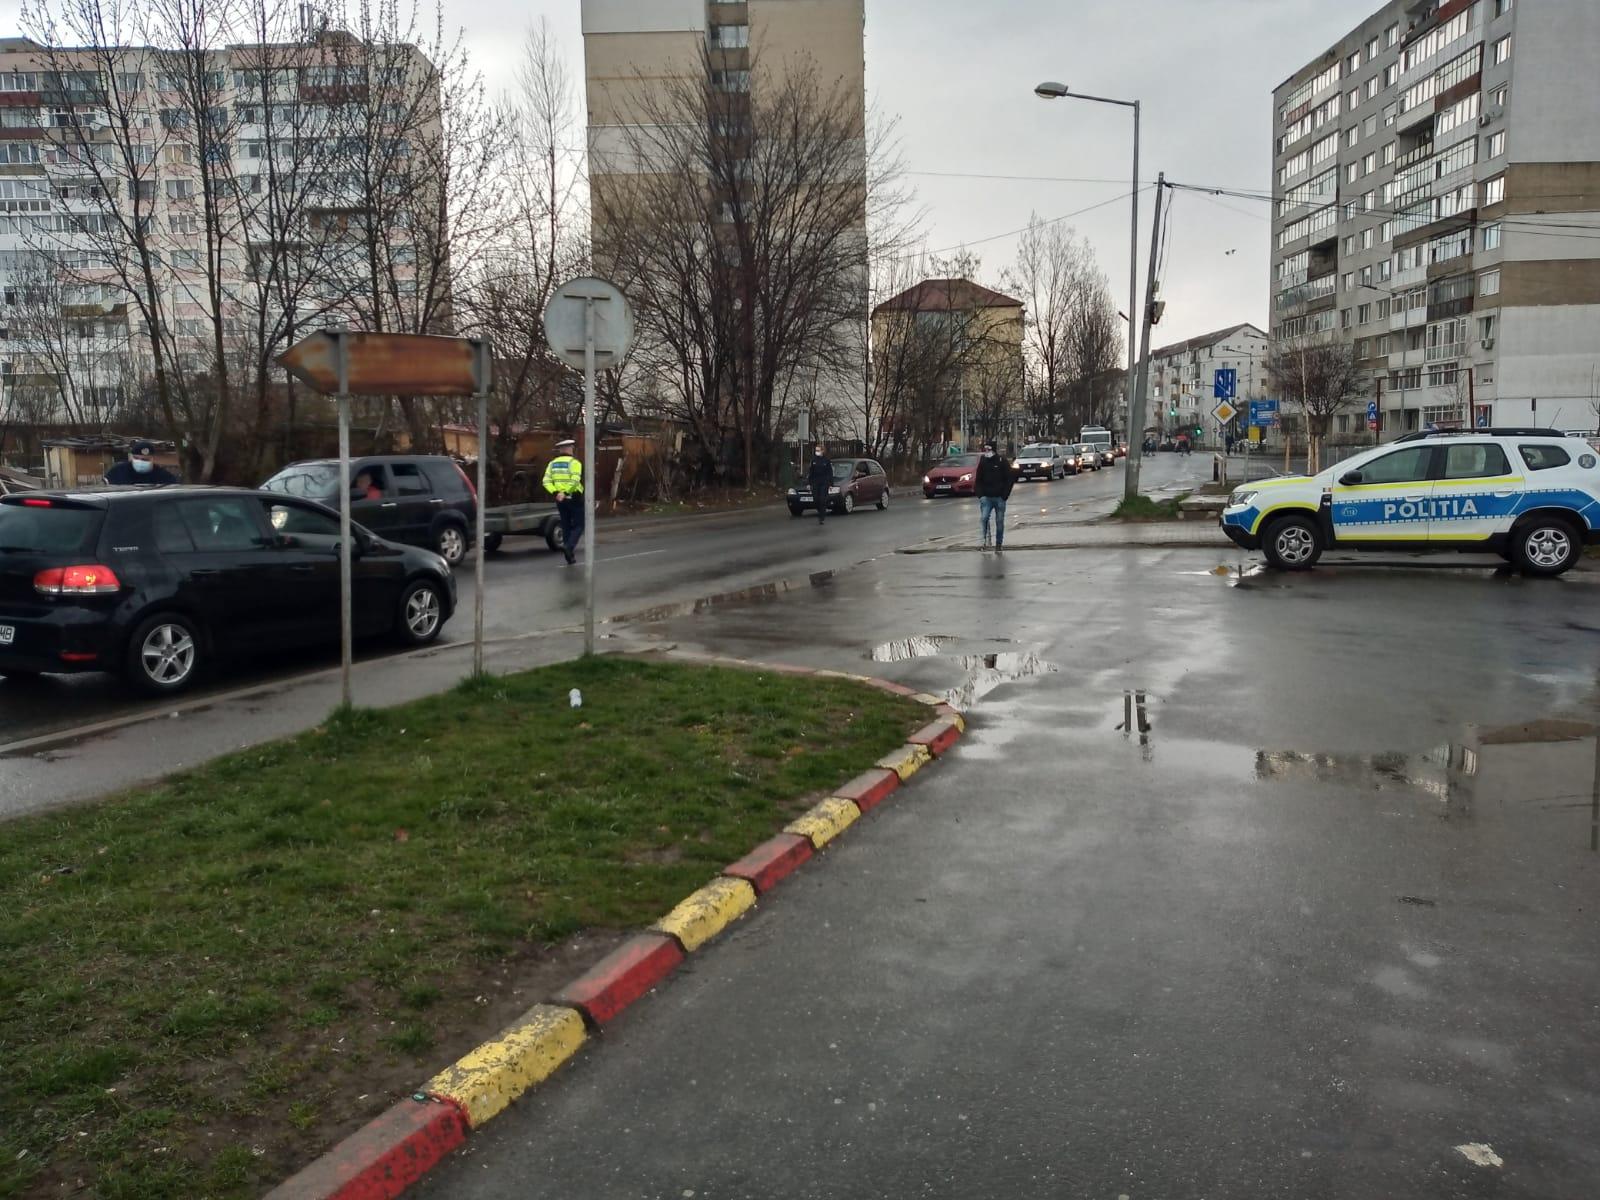 Șofer prins beat la amiază, la filtrul de poliție de la intrarea în Cisnădie